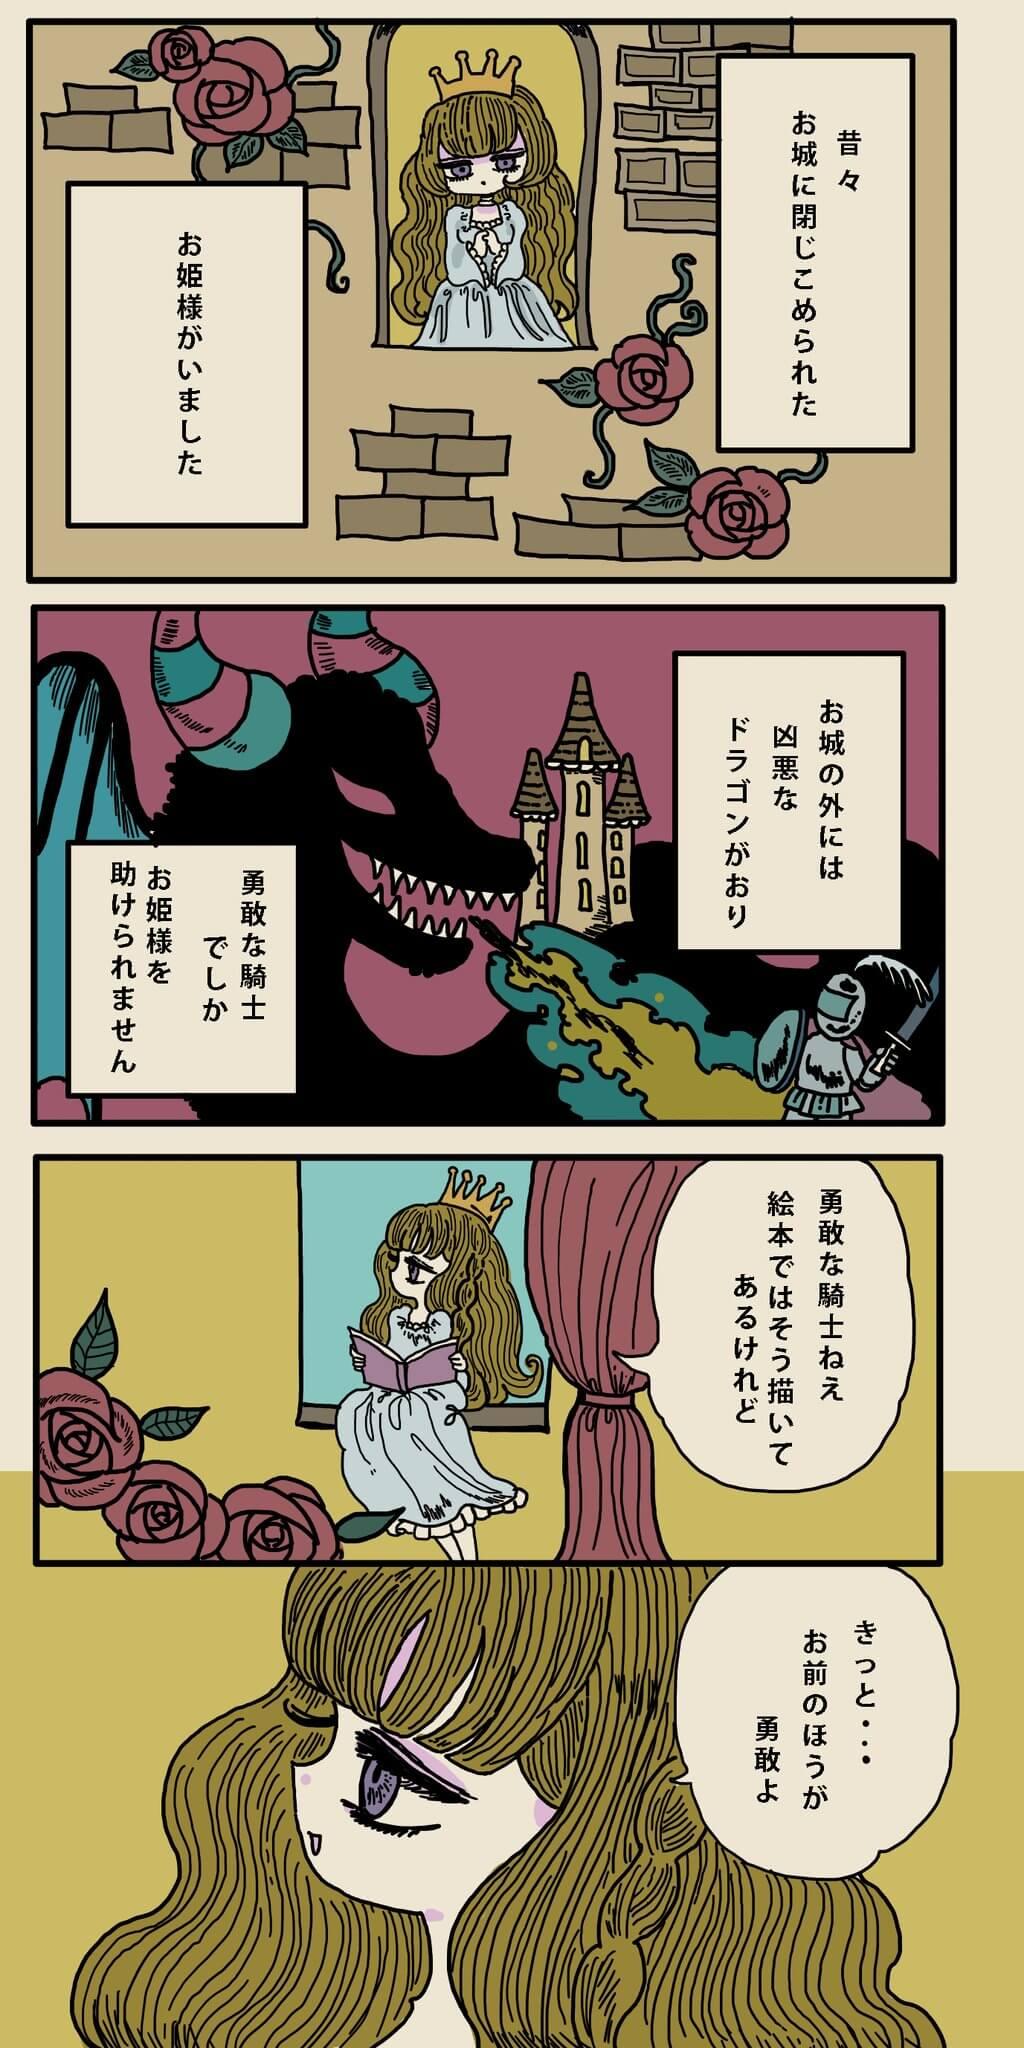 お姫様を守るドラゴンの1-1